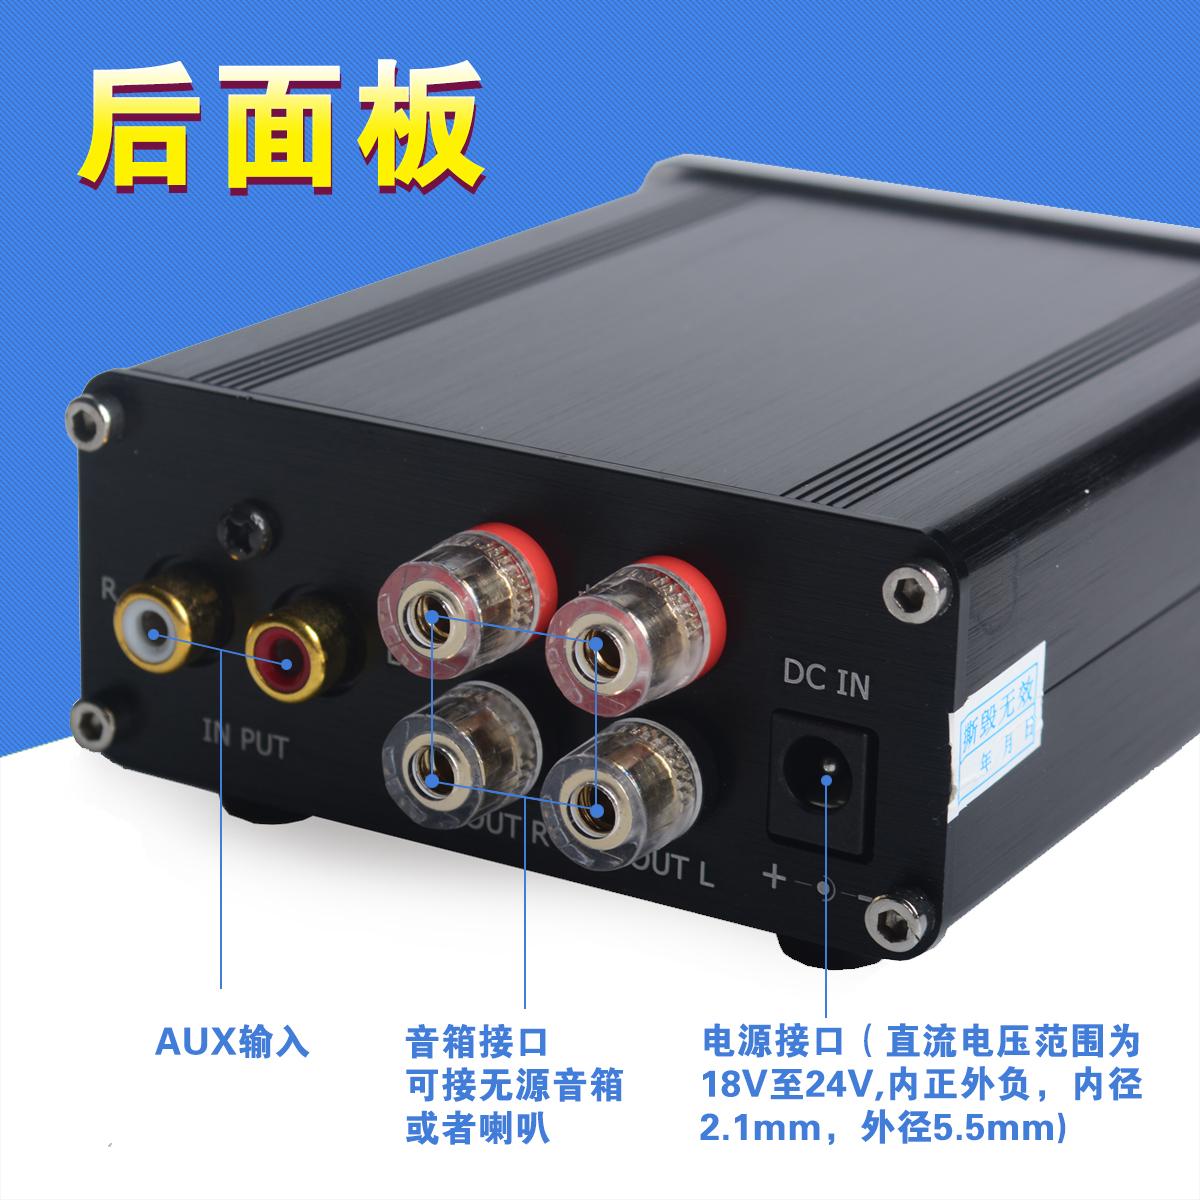 K.GUSS / GU50 เพาเวอร์แอมป์คลาส D ของไข้ในครัวเรือนขนาดเล็กมินิไฮไฟลำโพงเครื่องขยายเสียงดิจิตอล